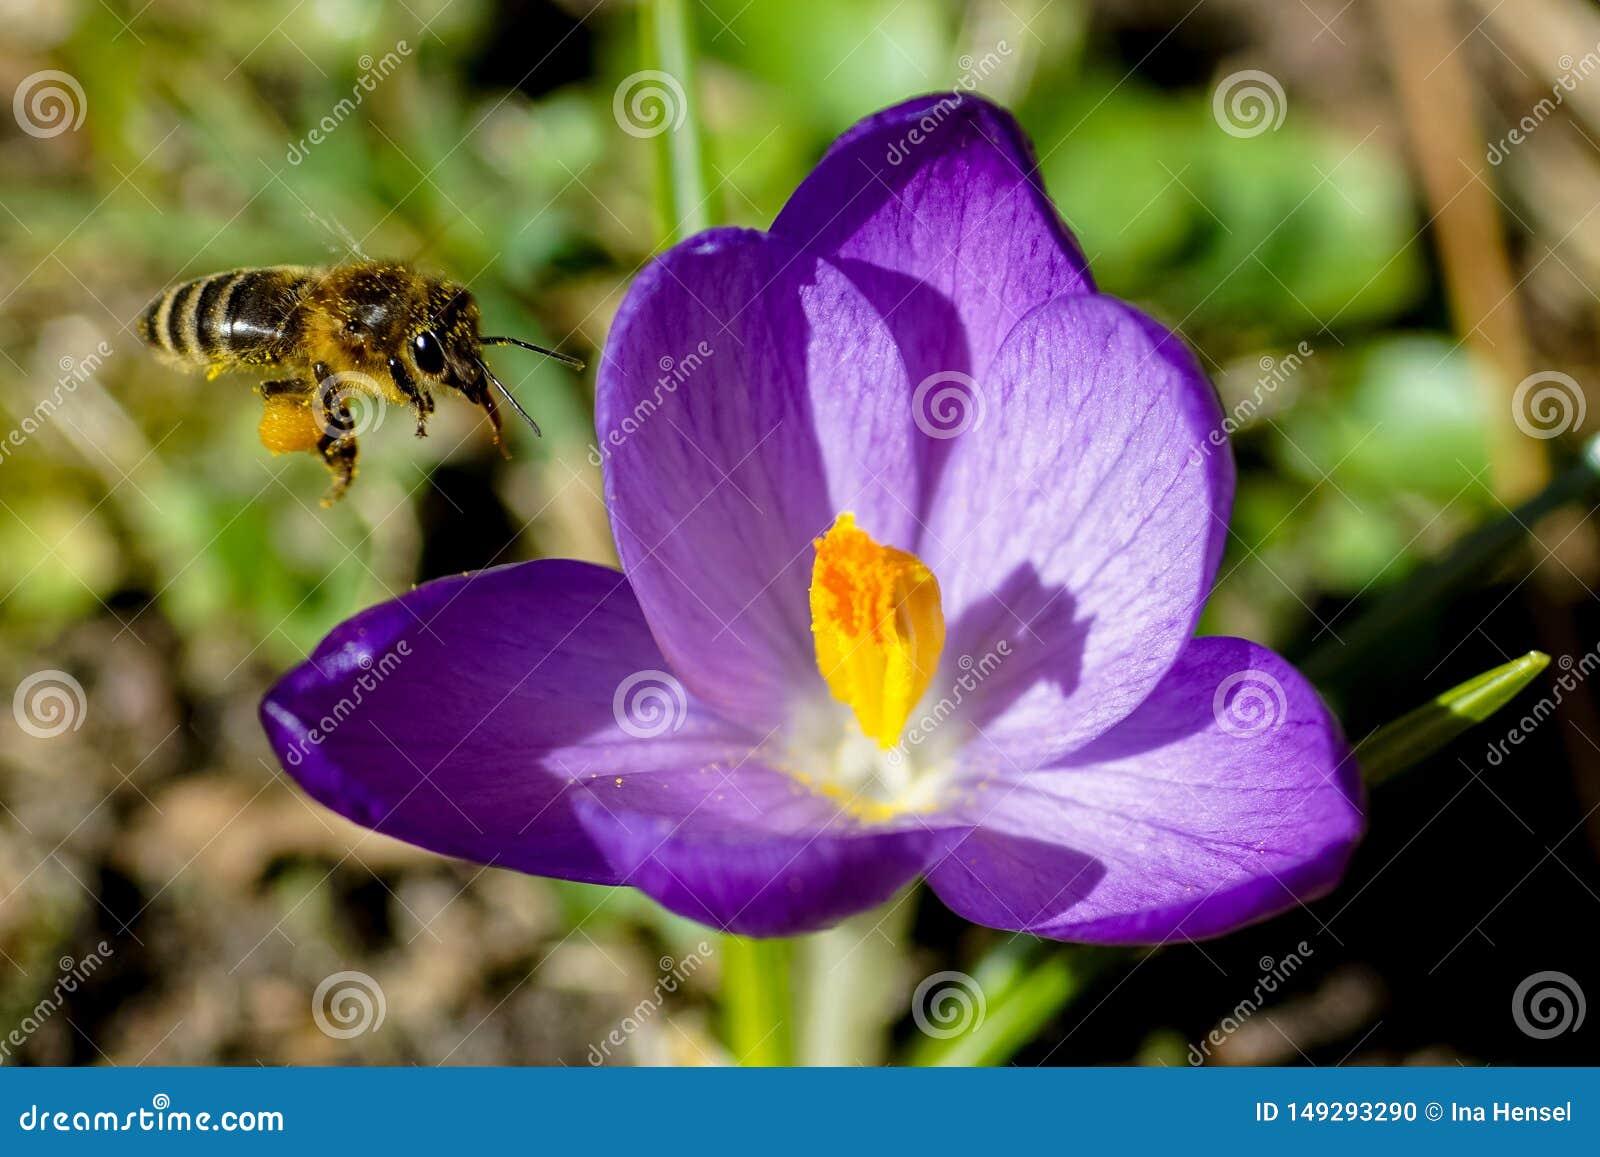 收集花粉的蜂的宏观图片